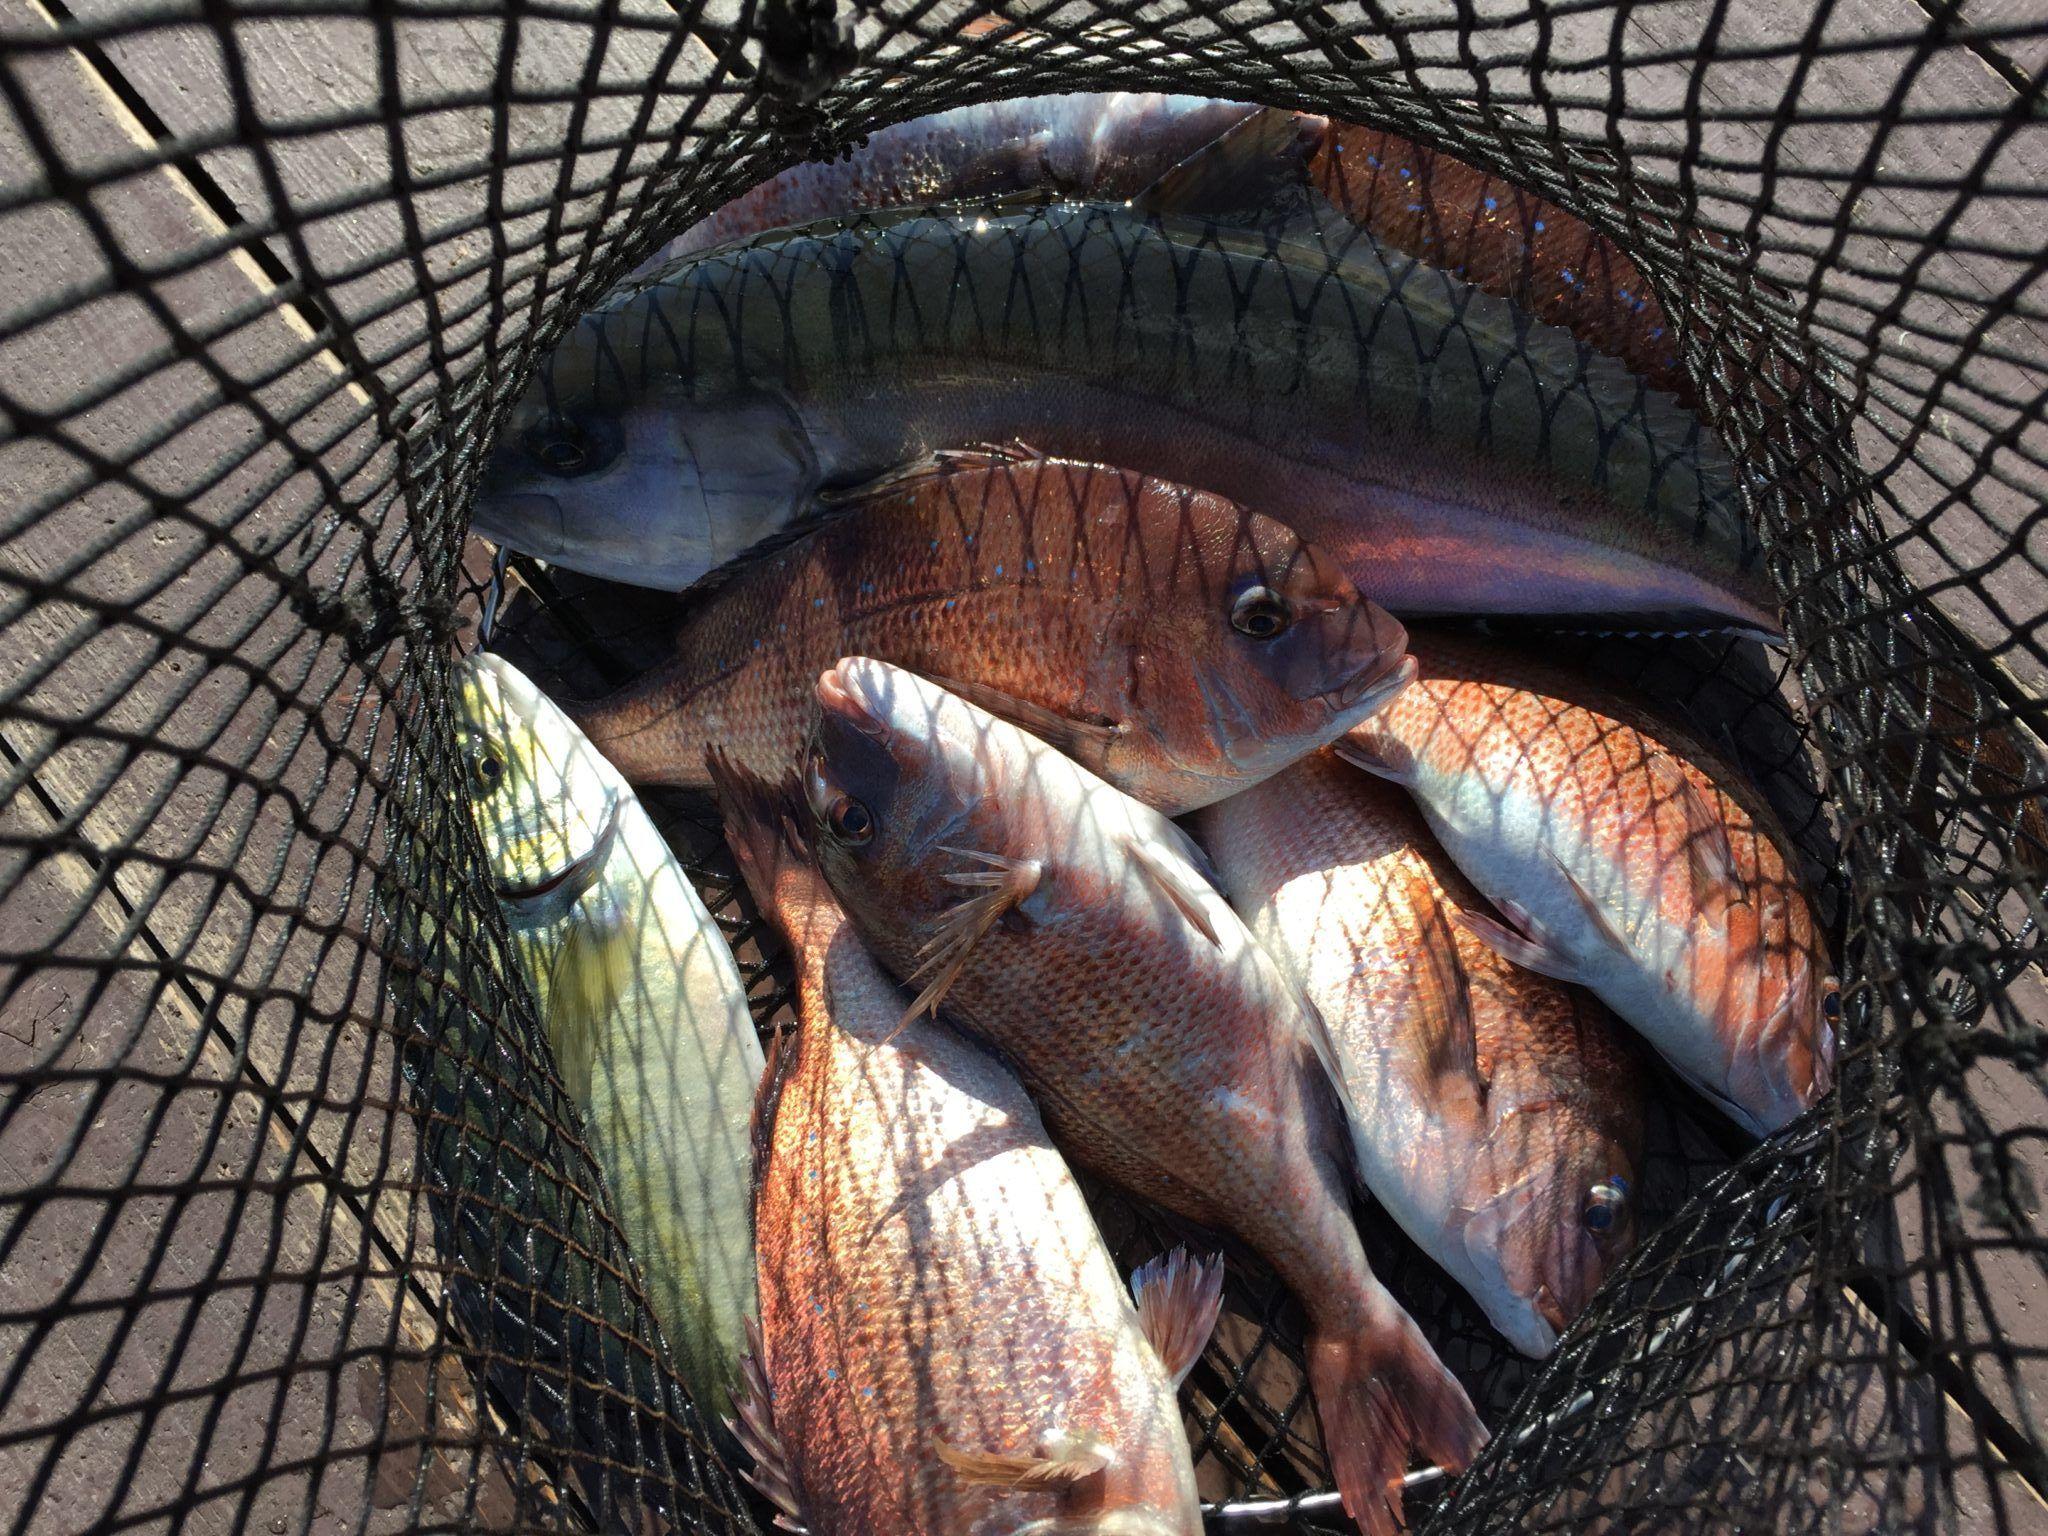 海上釣り堀で定番のエサ選びと、隣の釣り人より食わすためにできる工夫